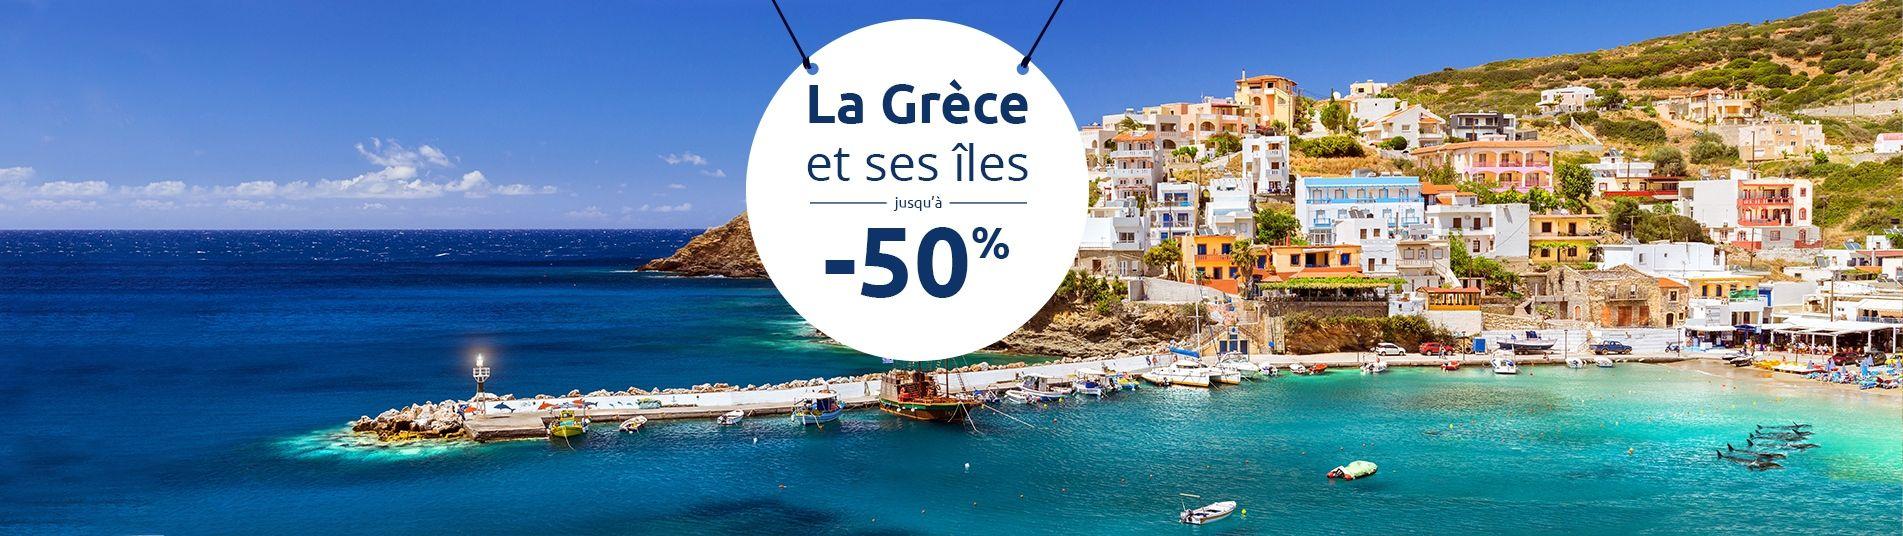 Bord de mer en Crète